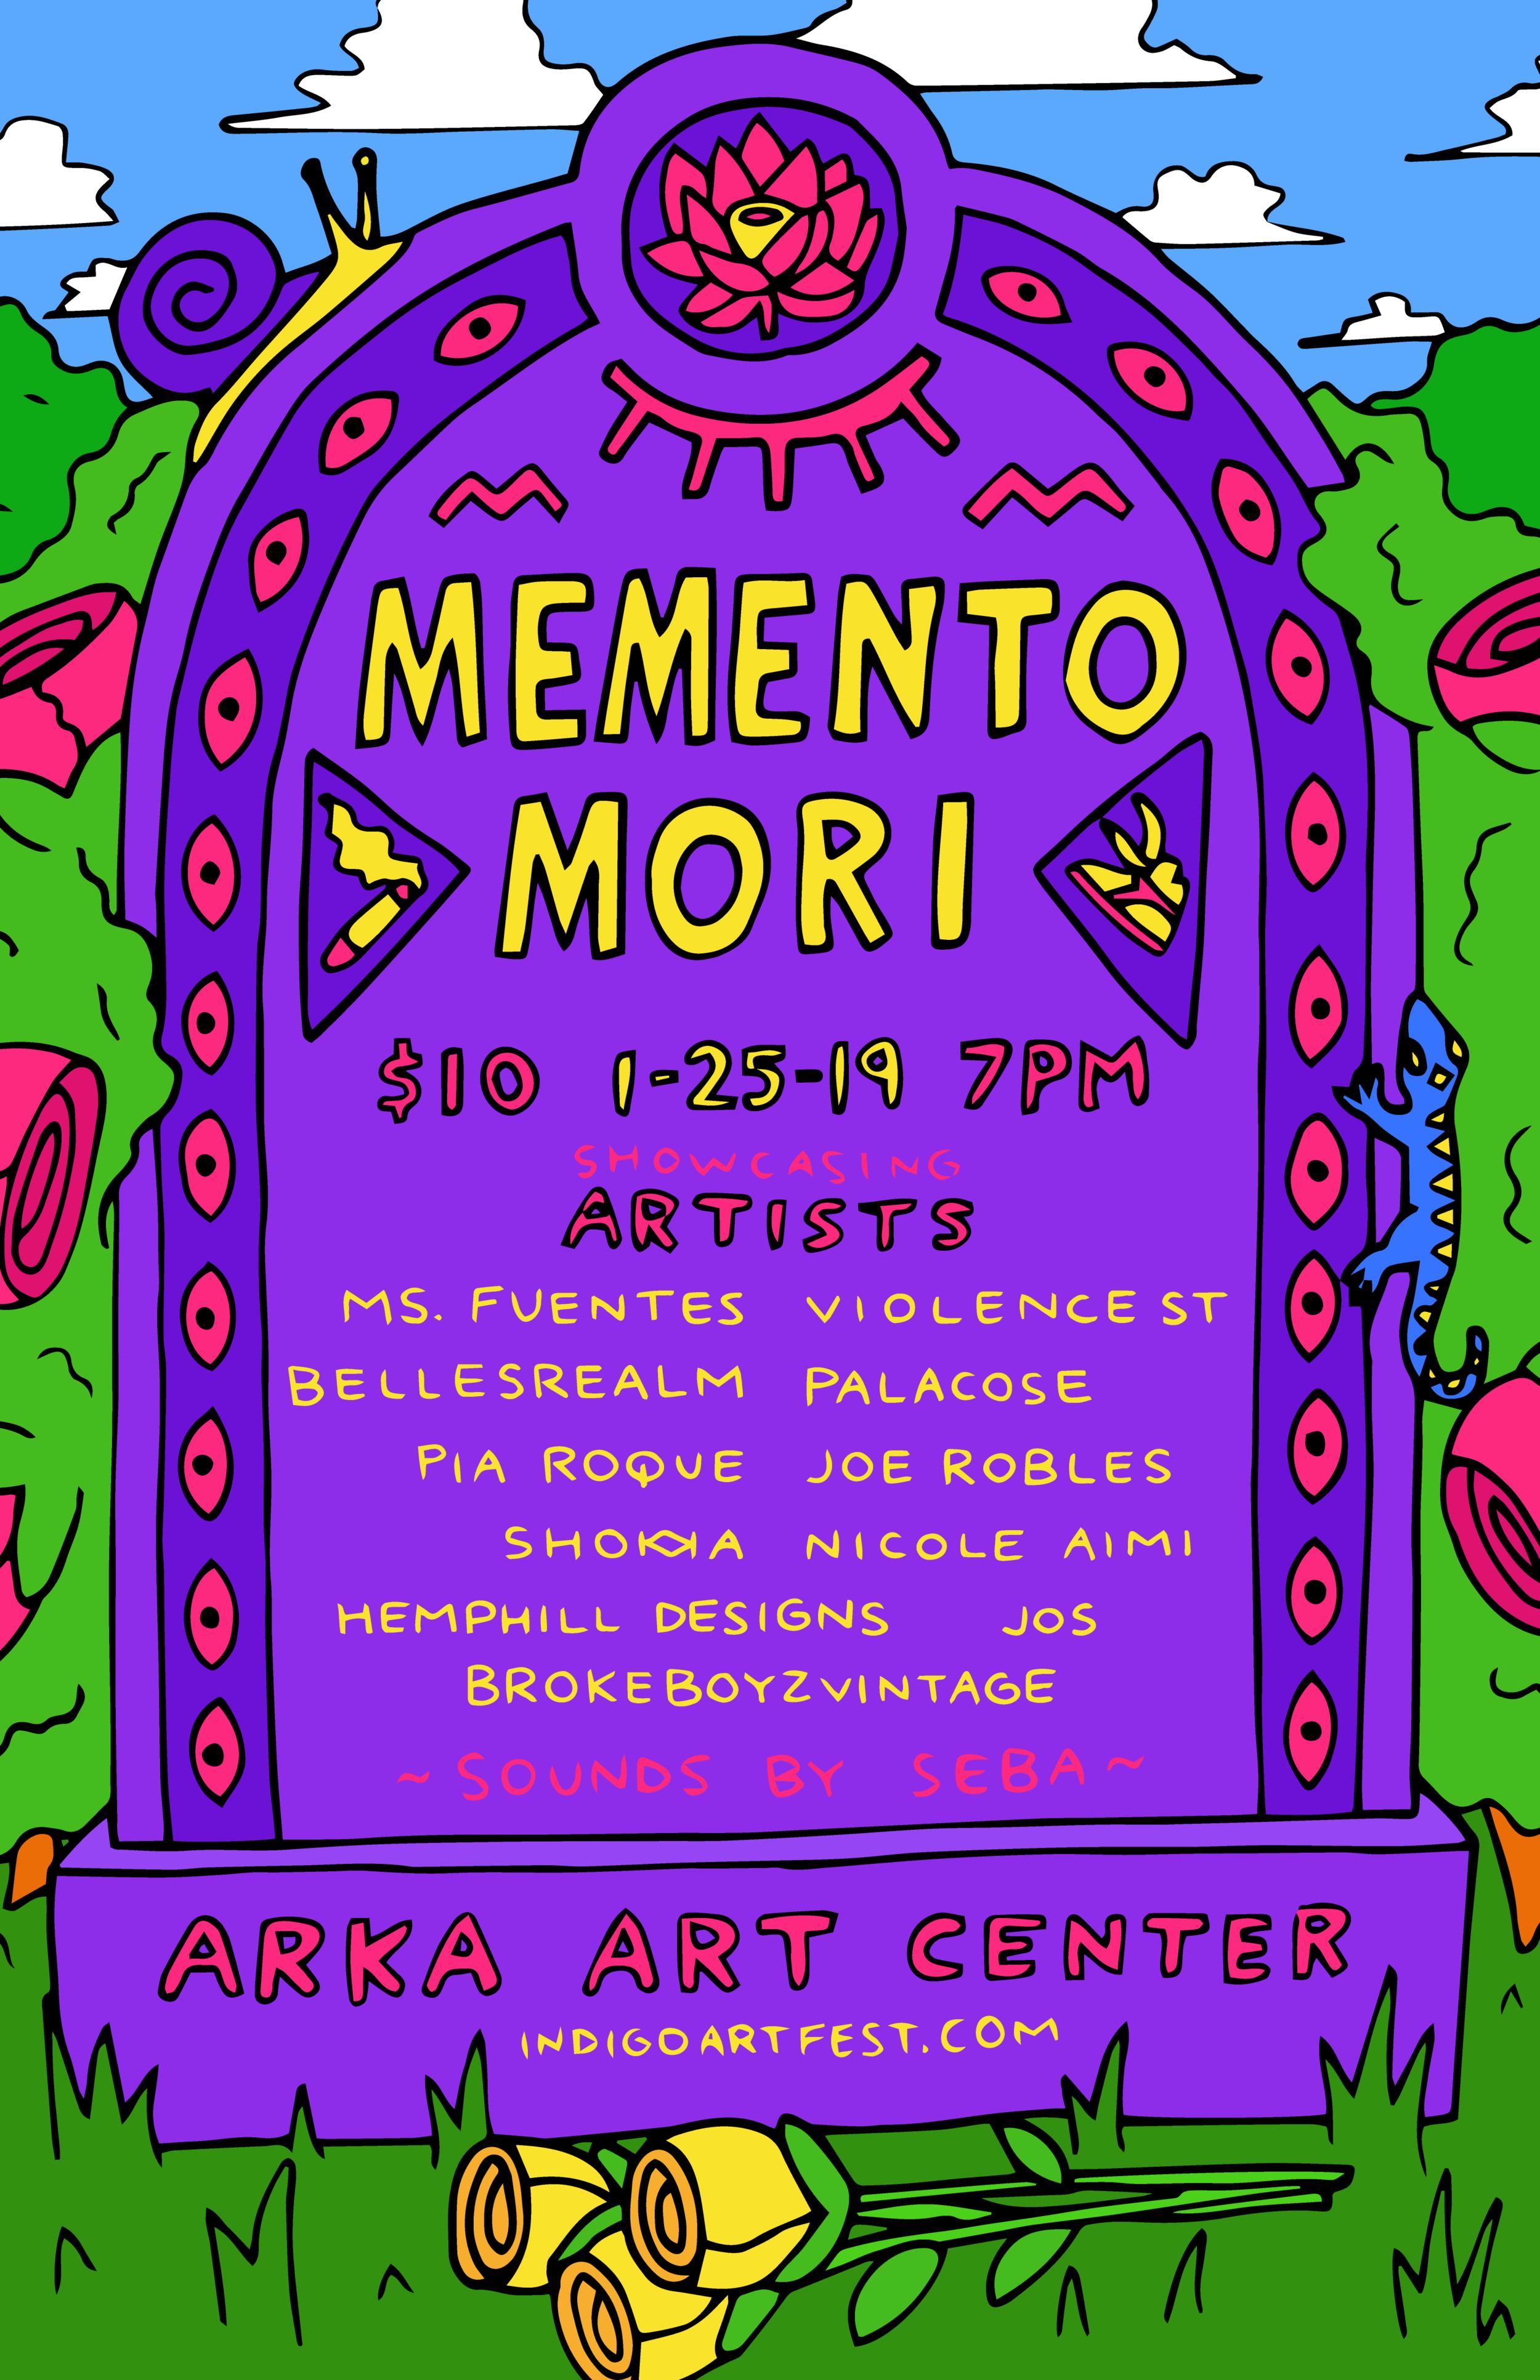 memento mori_11 x 17.png